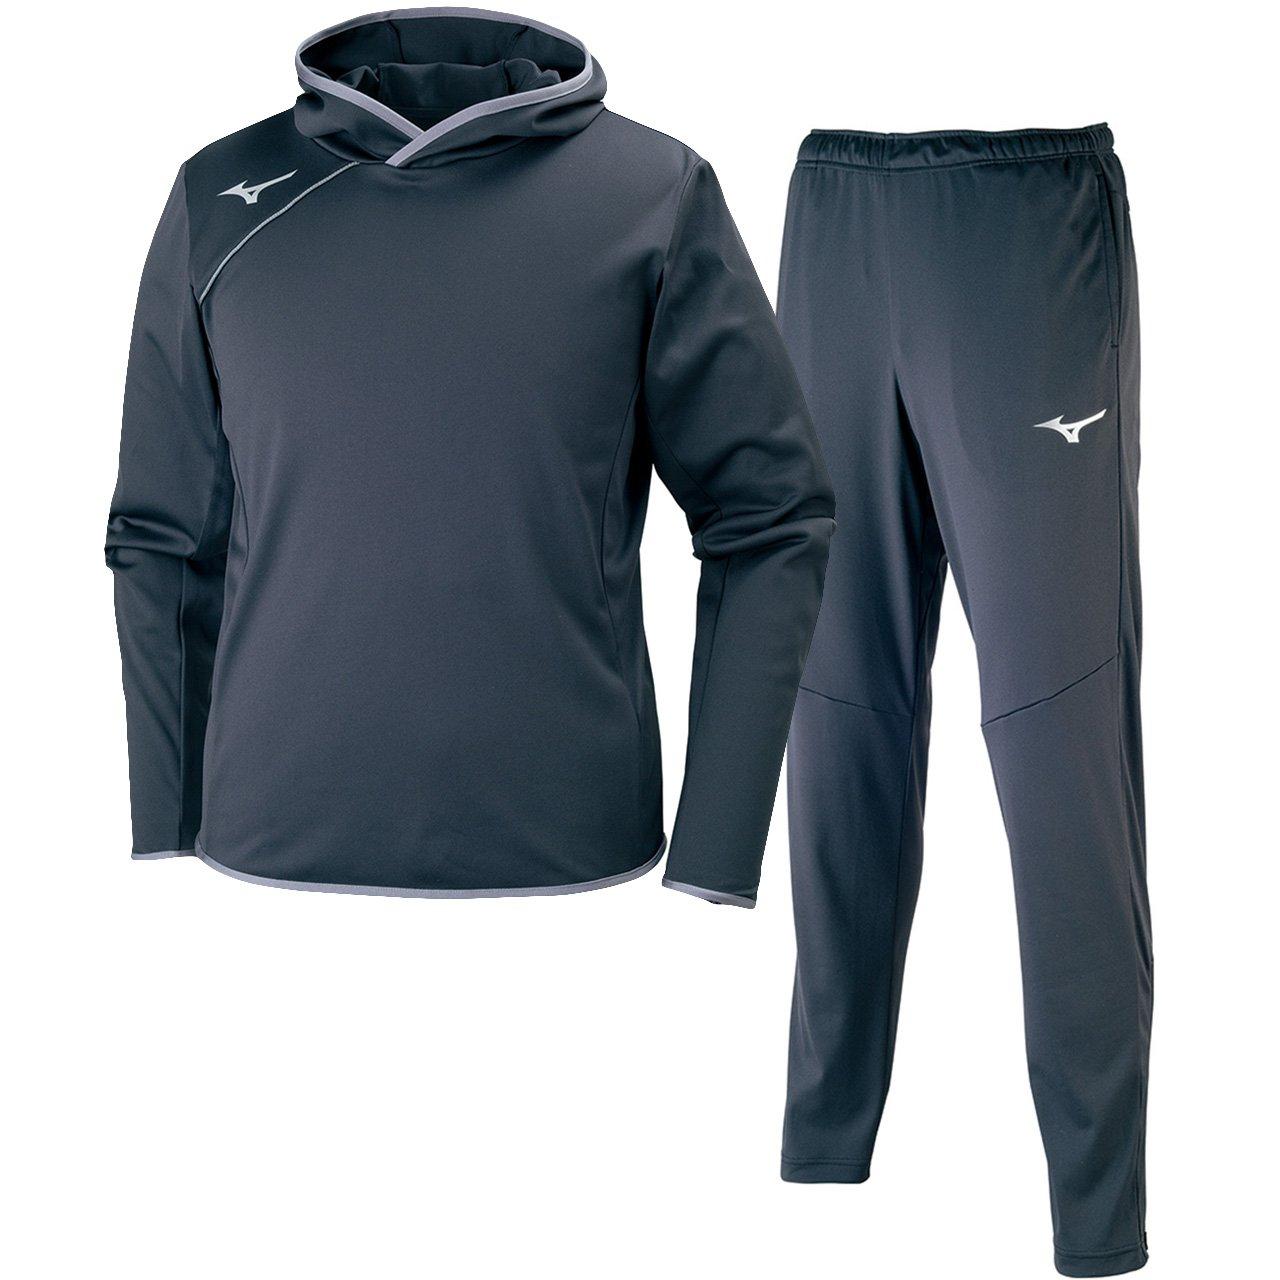 ミズノ(MIZUNO) Softストレッチシャツ&ストレッチパンツ 上下セット(ブラックシルバー/ブラックシルバー) V2ME7521-90-V2MF7520-90 B075V1YC6D ブラックシルバー XL